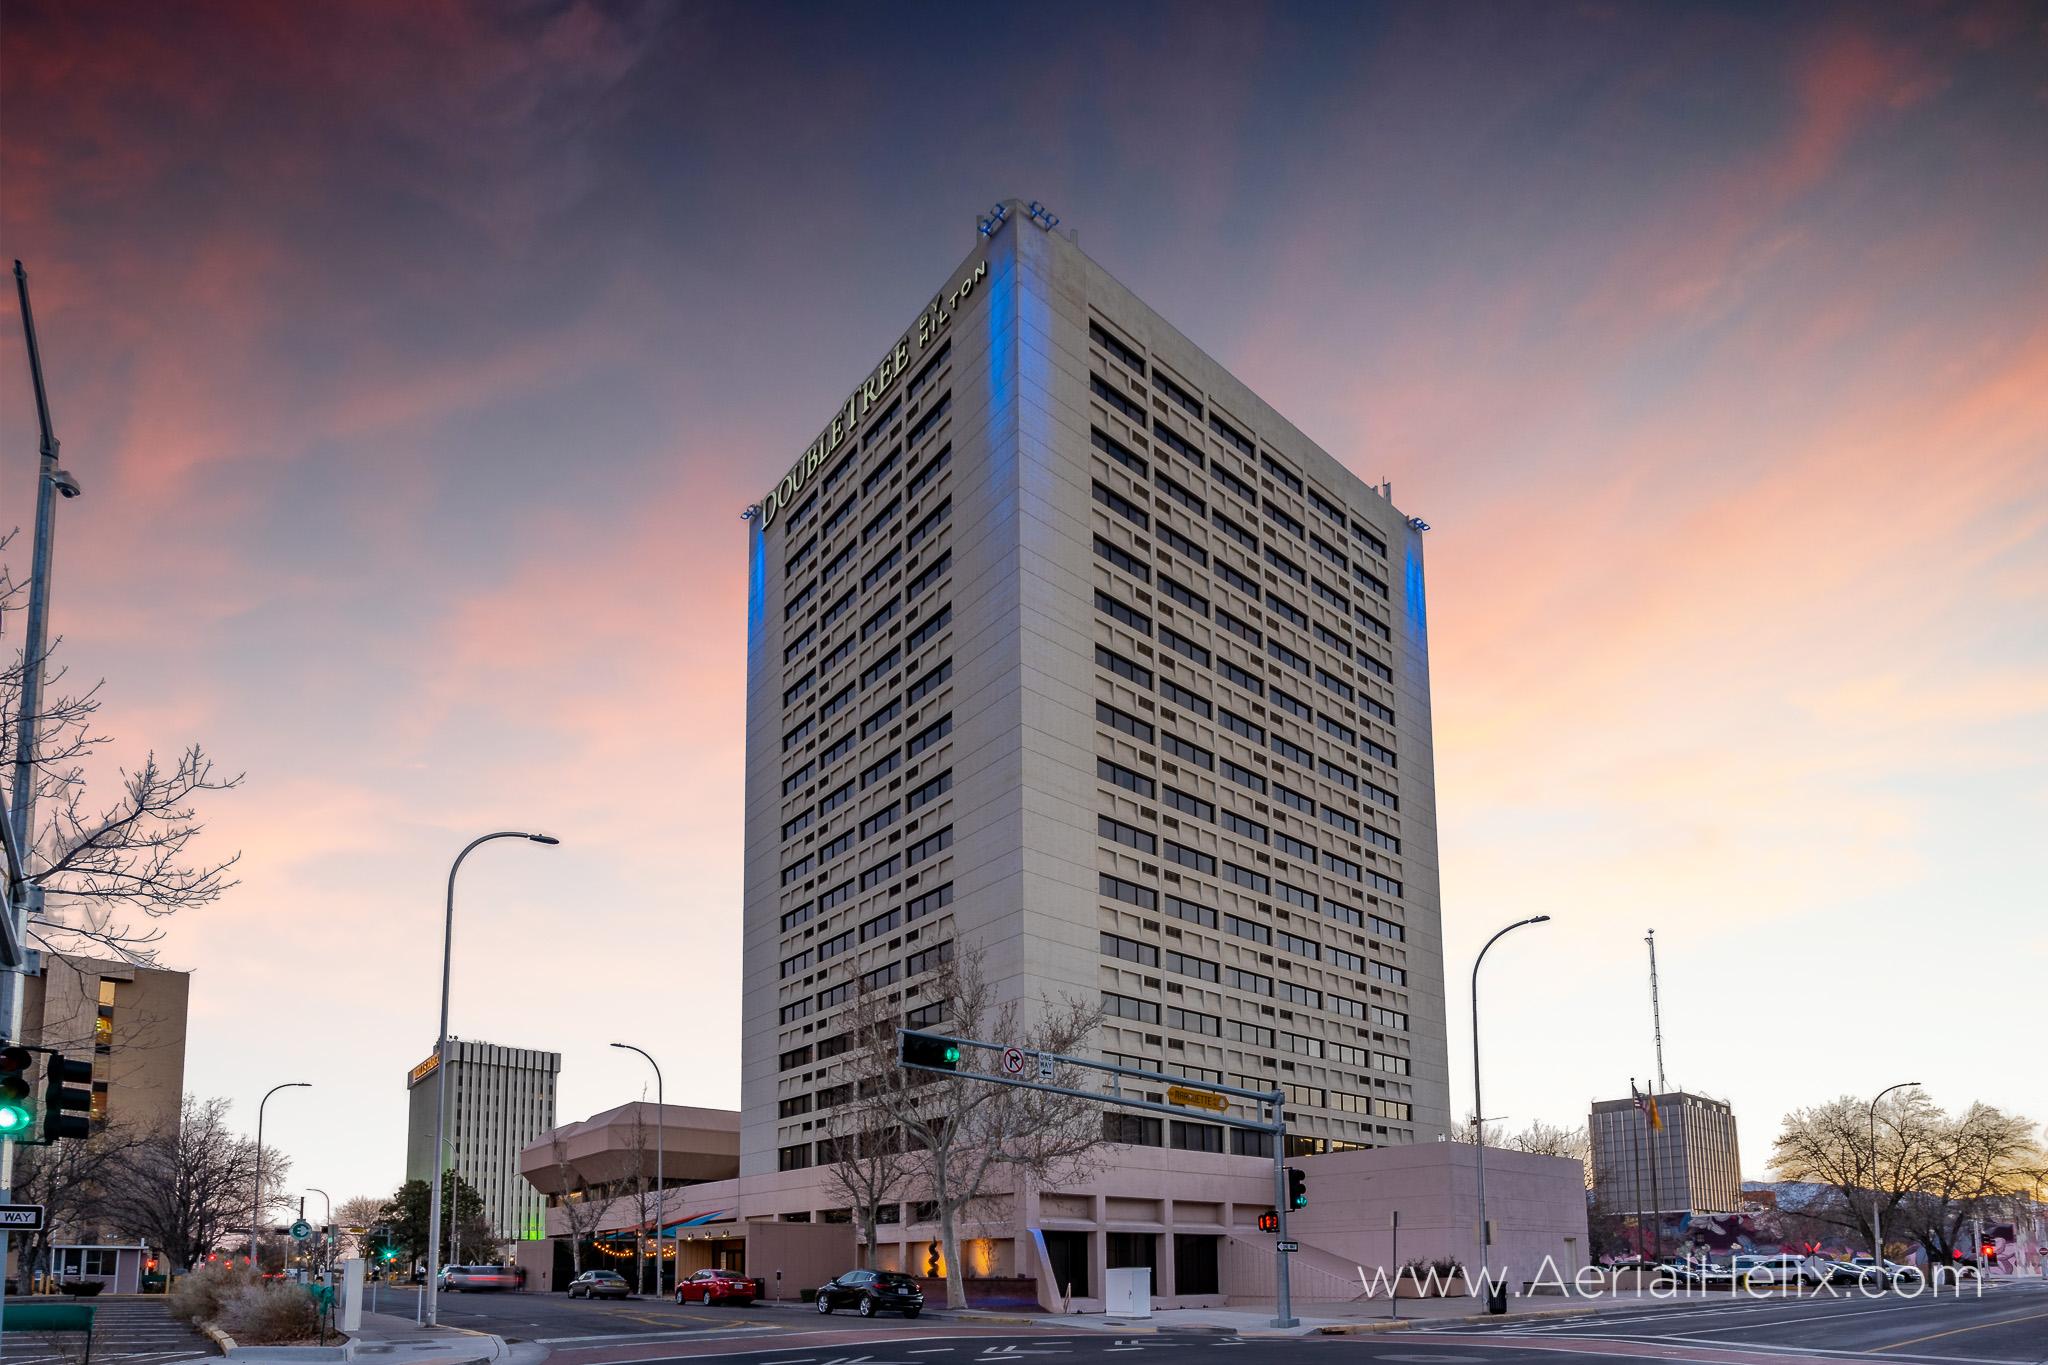 Hilton Doubletree Albuquerque small-46.jpg